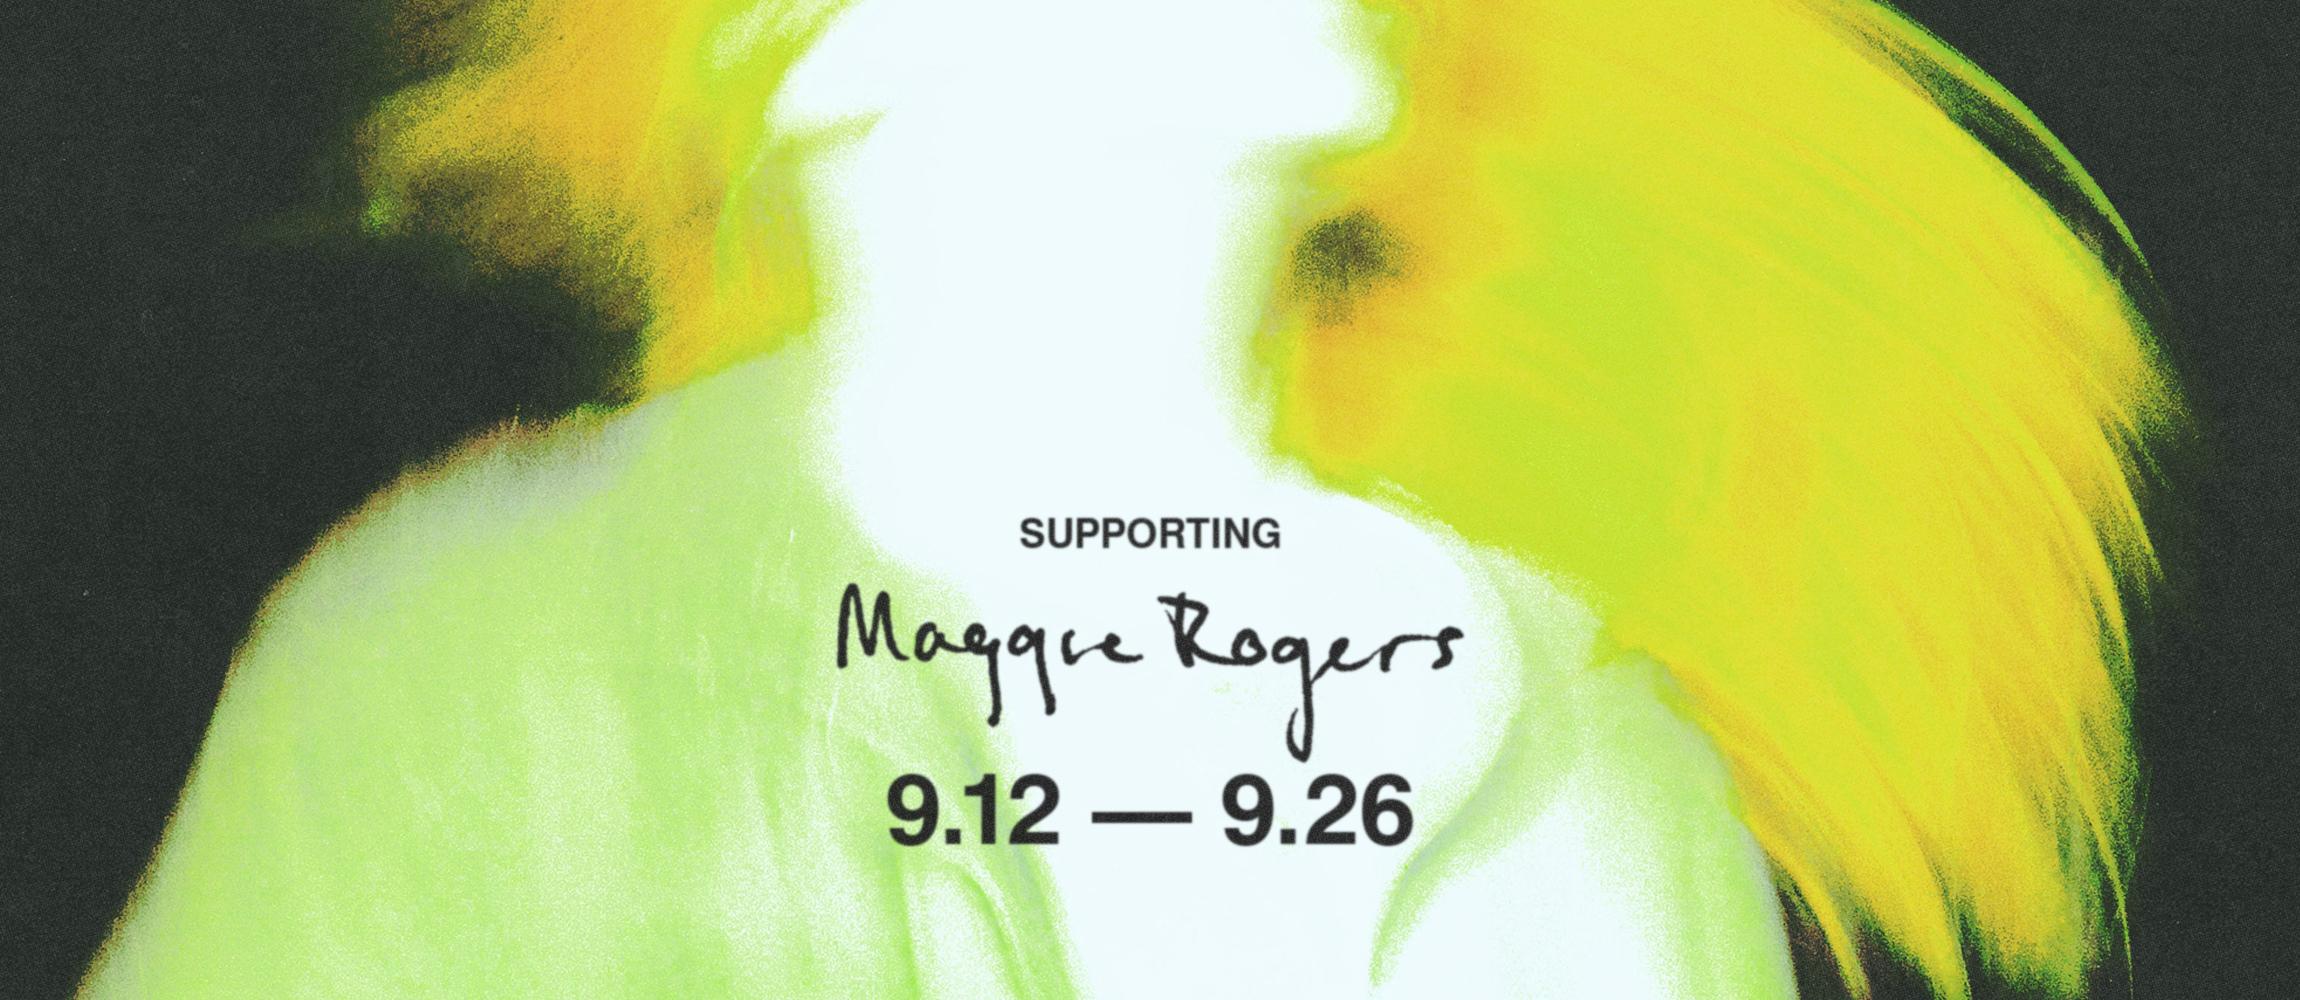 nn_site_maggie2019.jpg